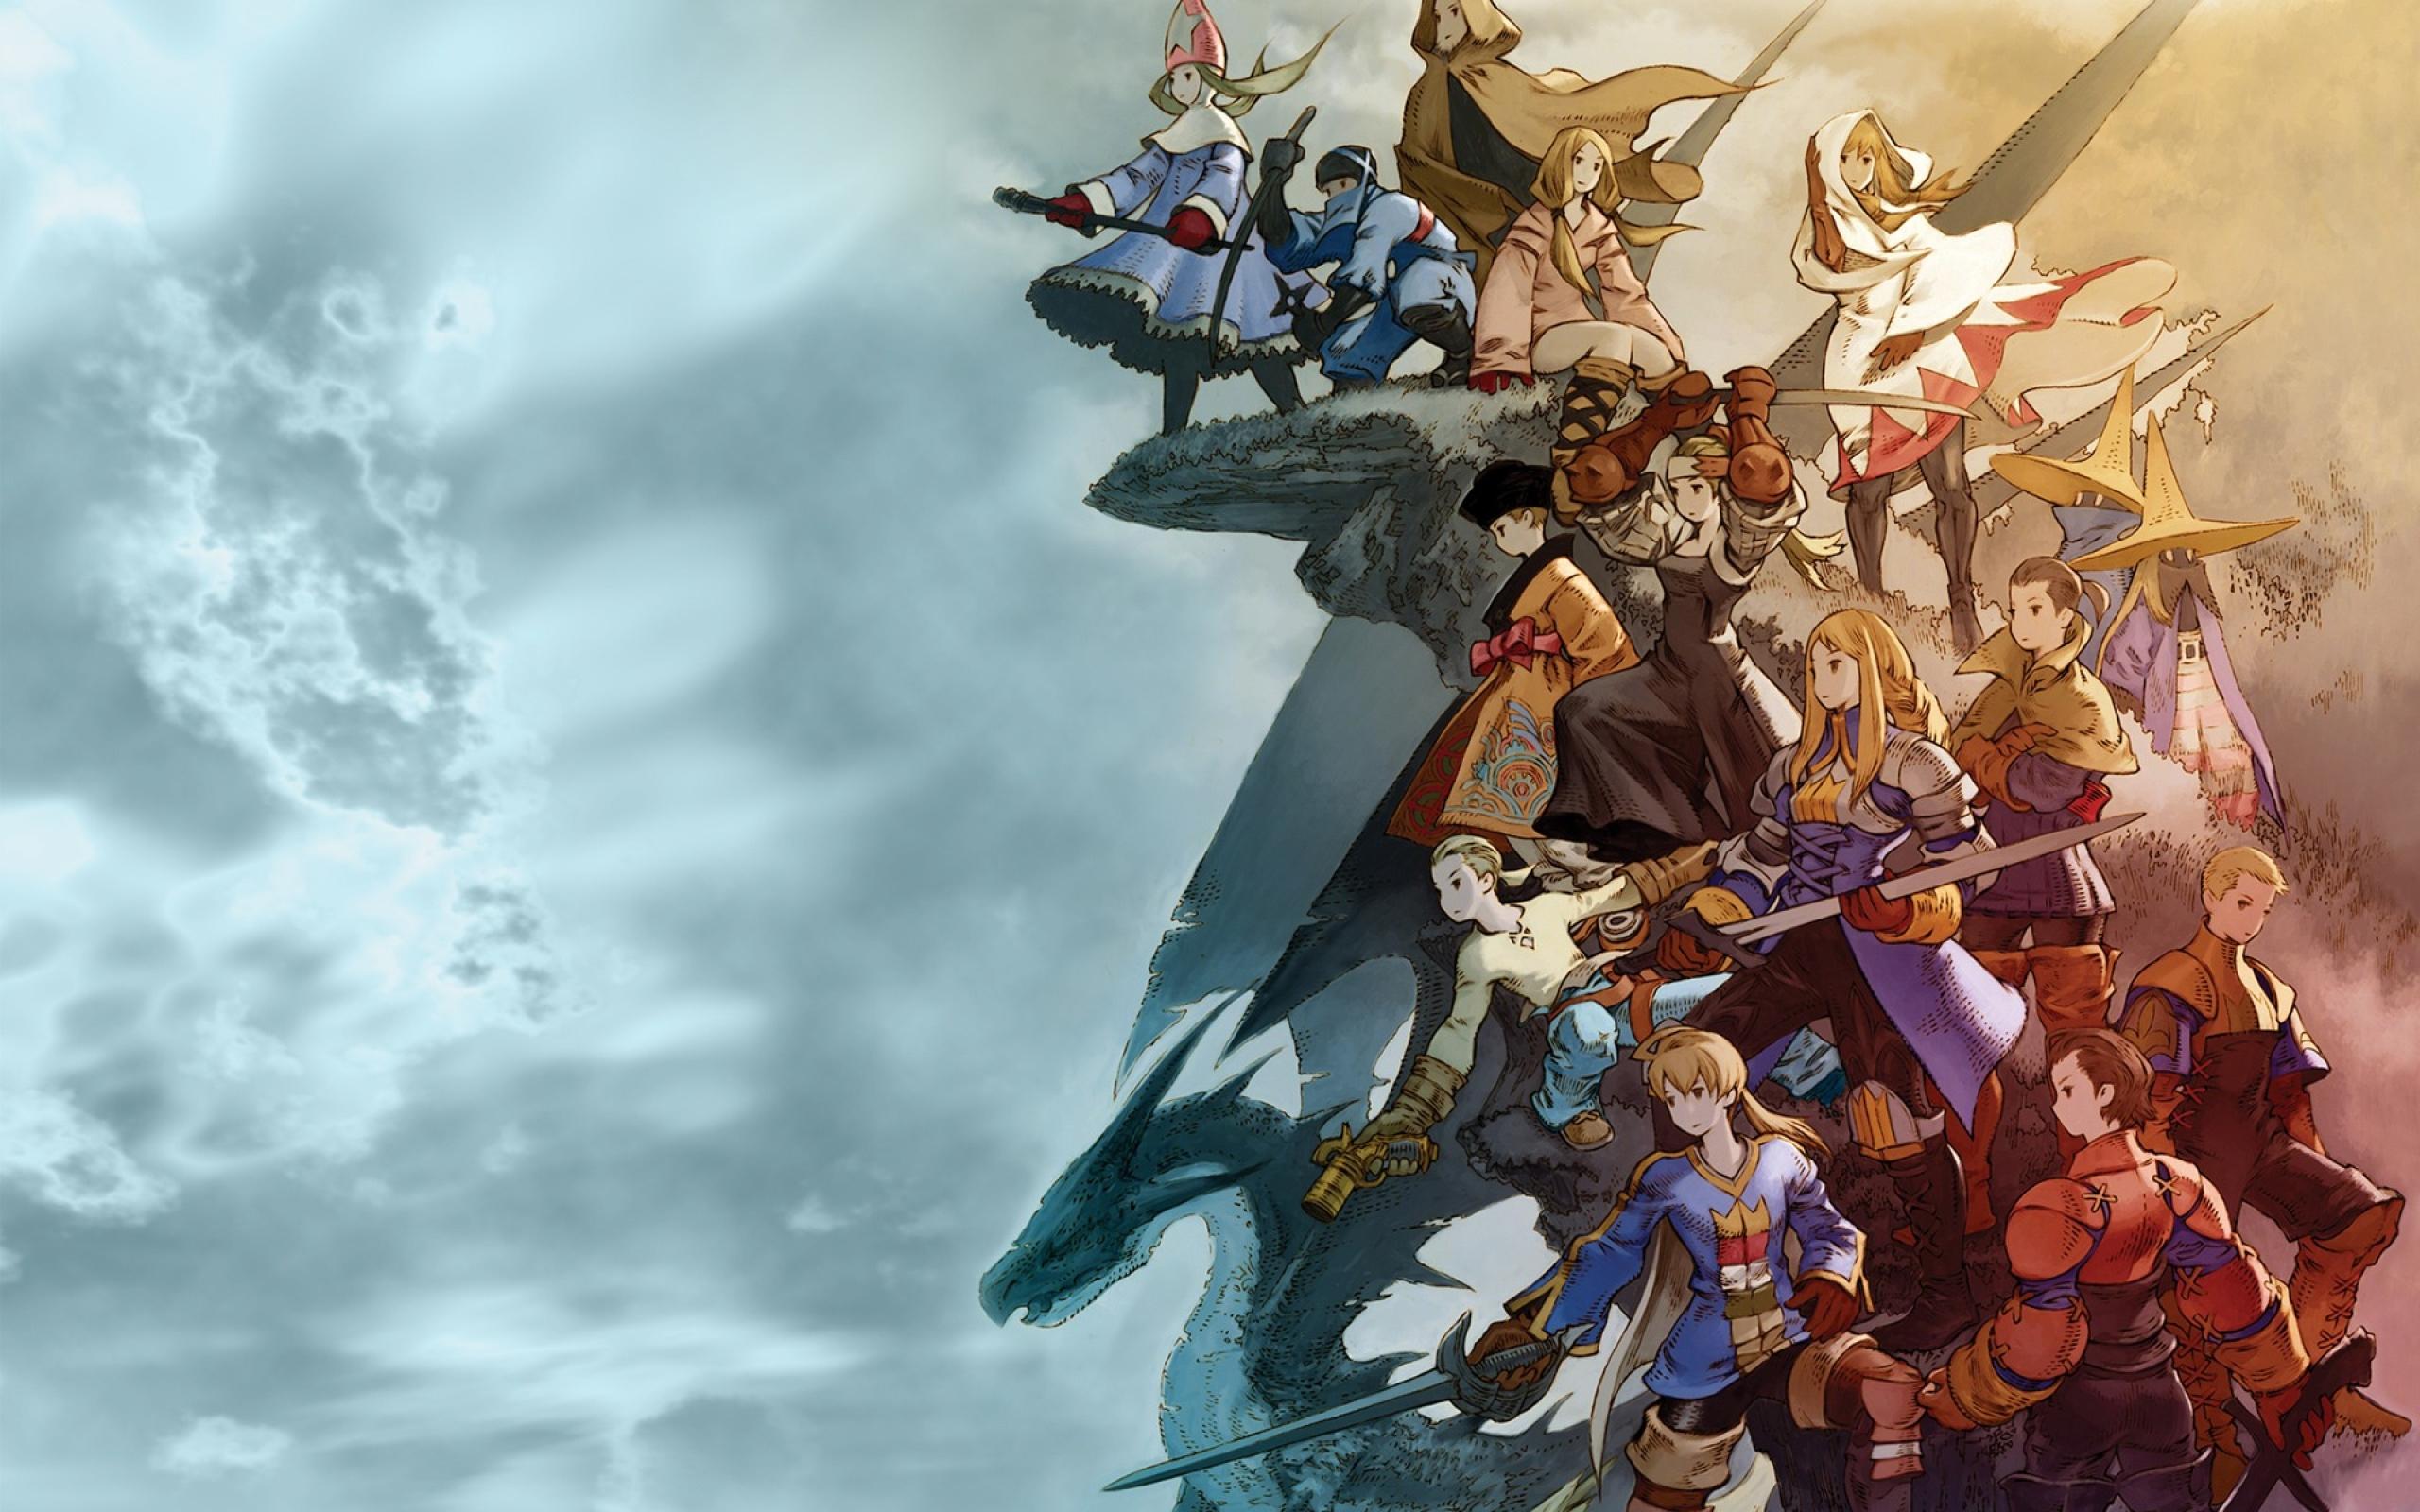 final fantasy wallpaper Final Fantasy Tactics 2560x1600